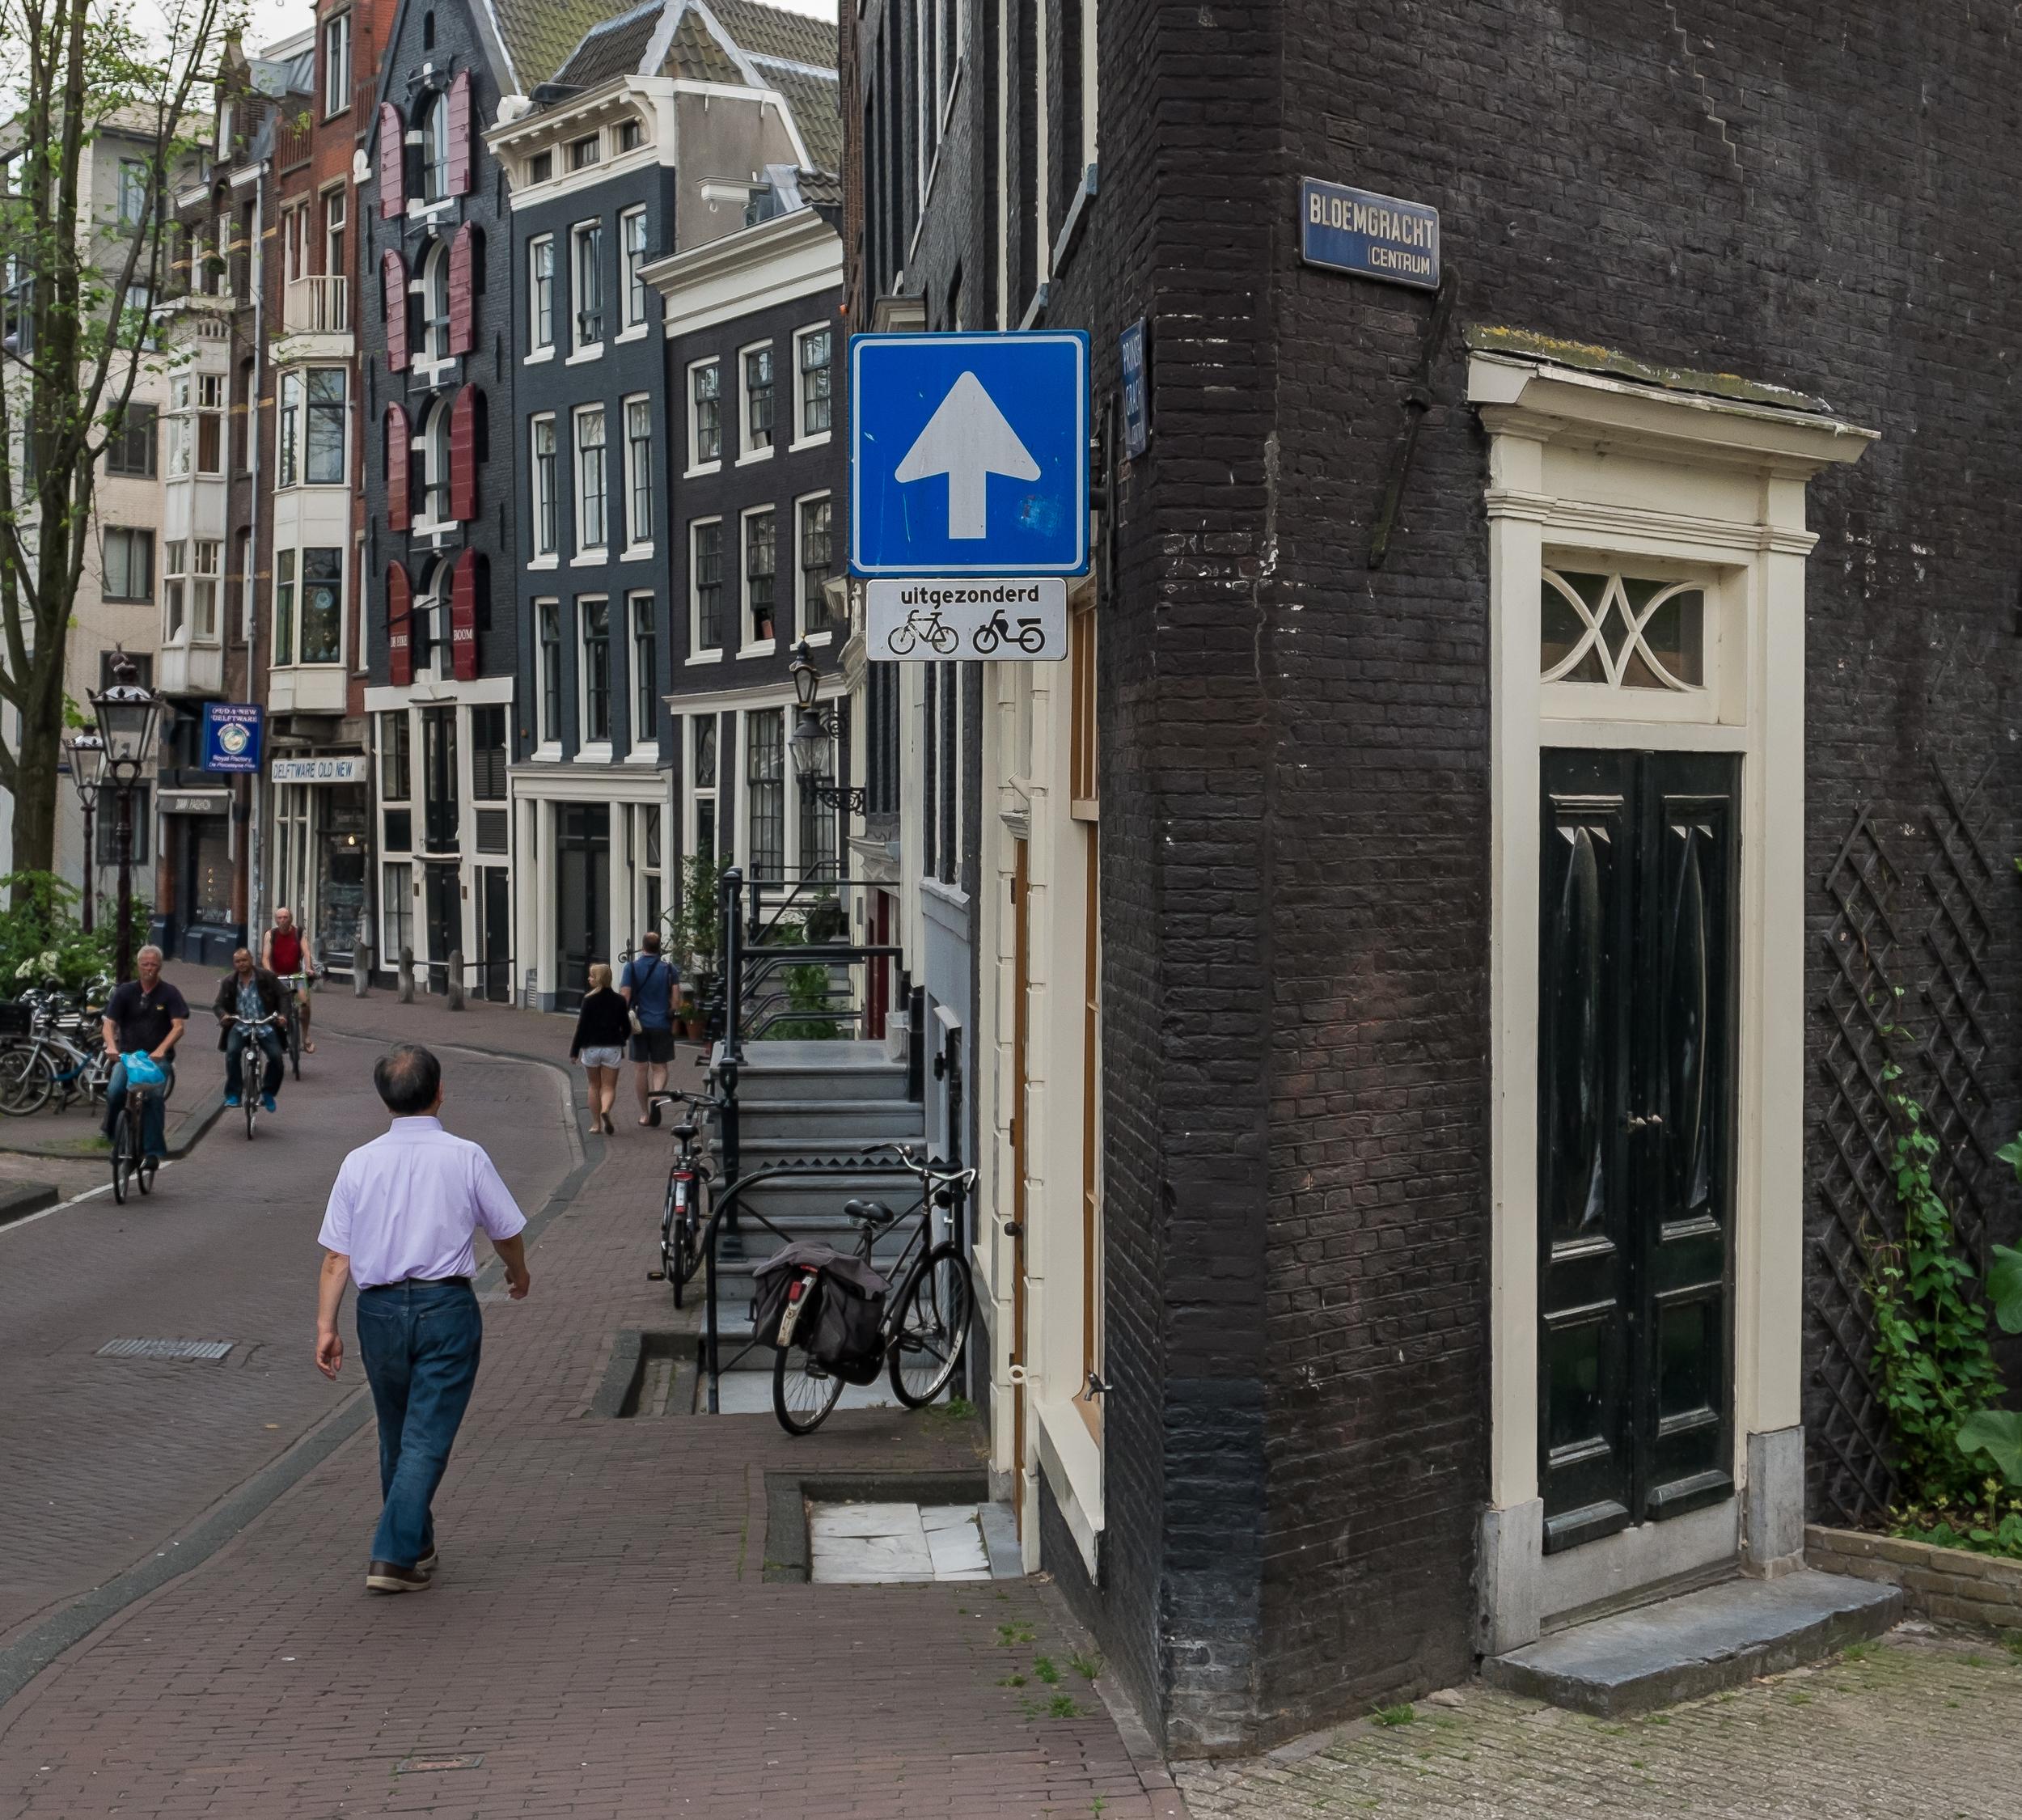 Amsterdam-Bloemgracht-20130619-DSCF0914.jpg